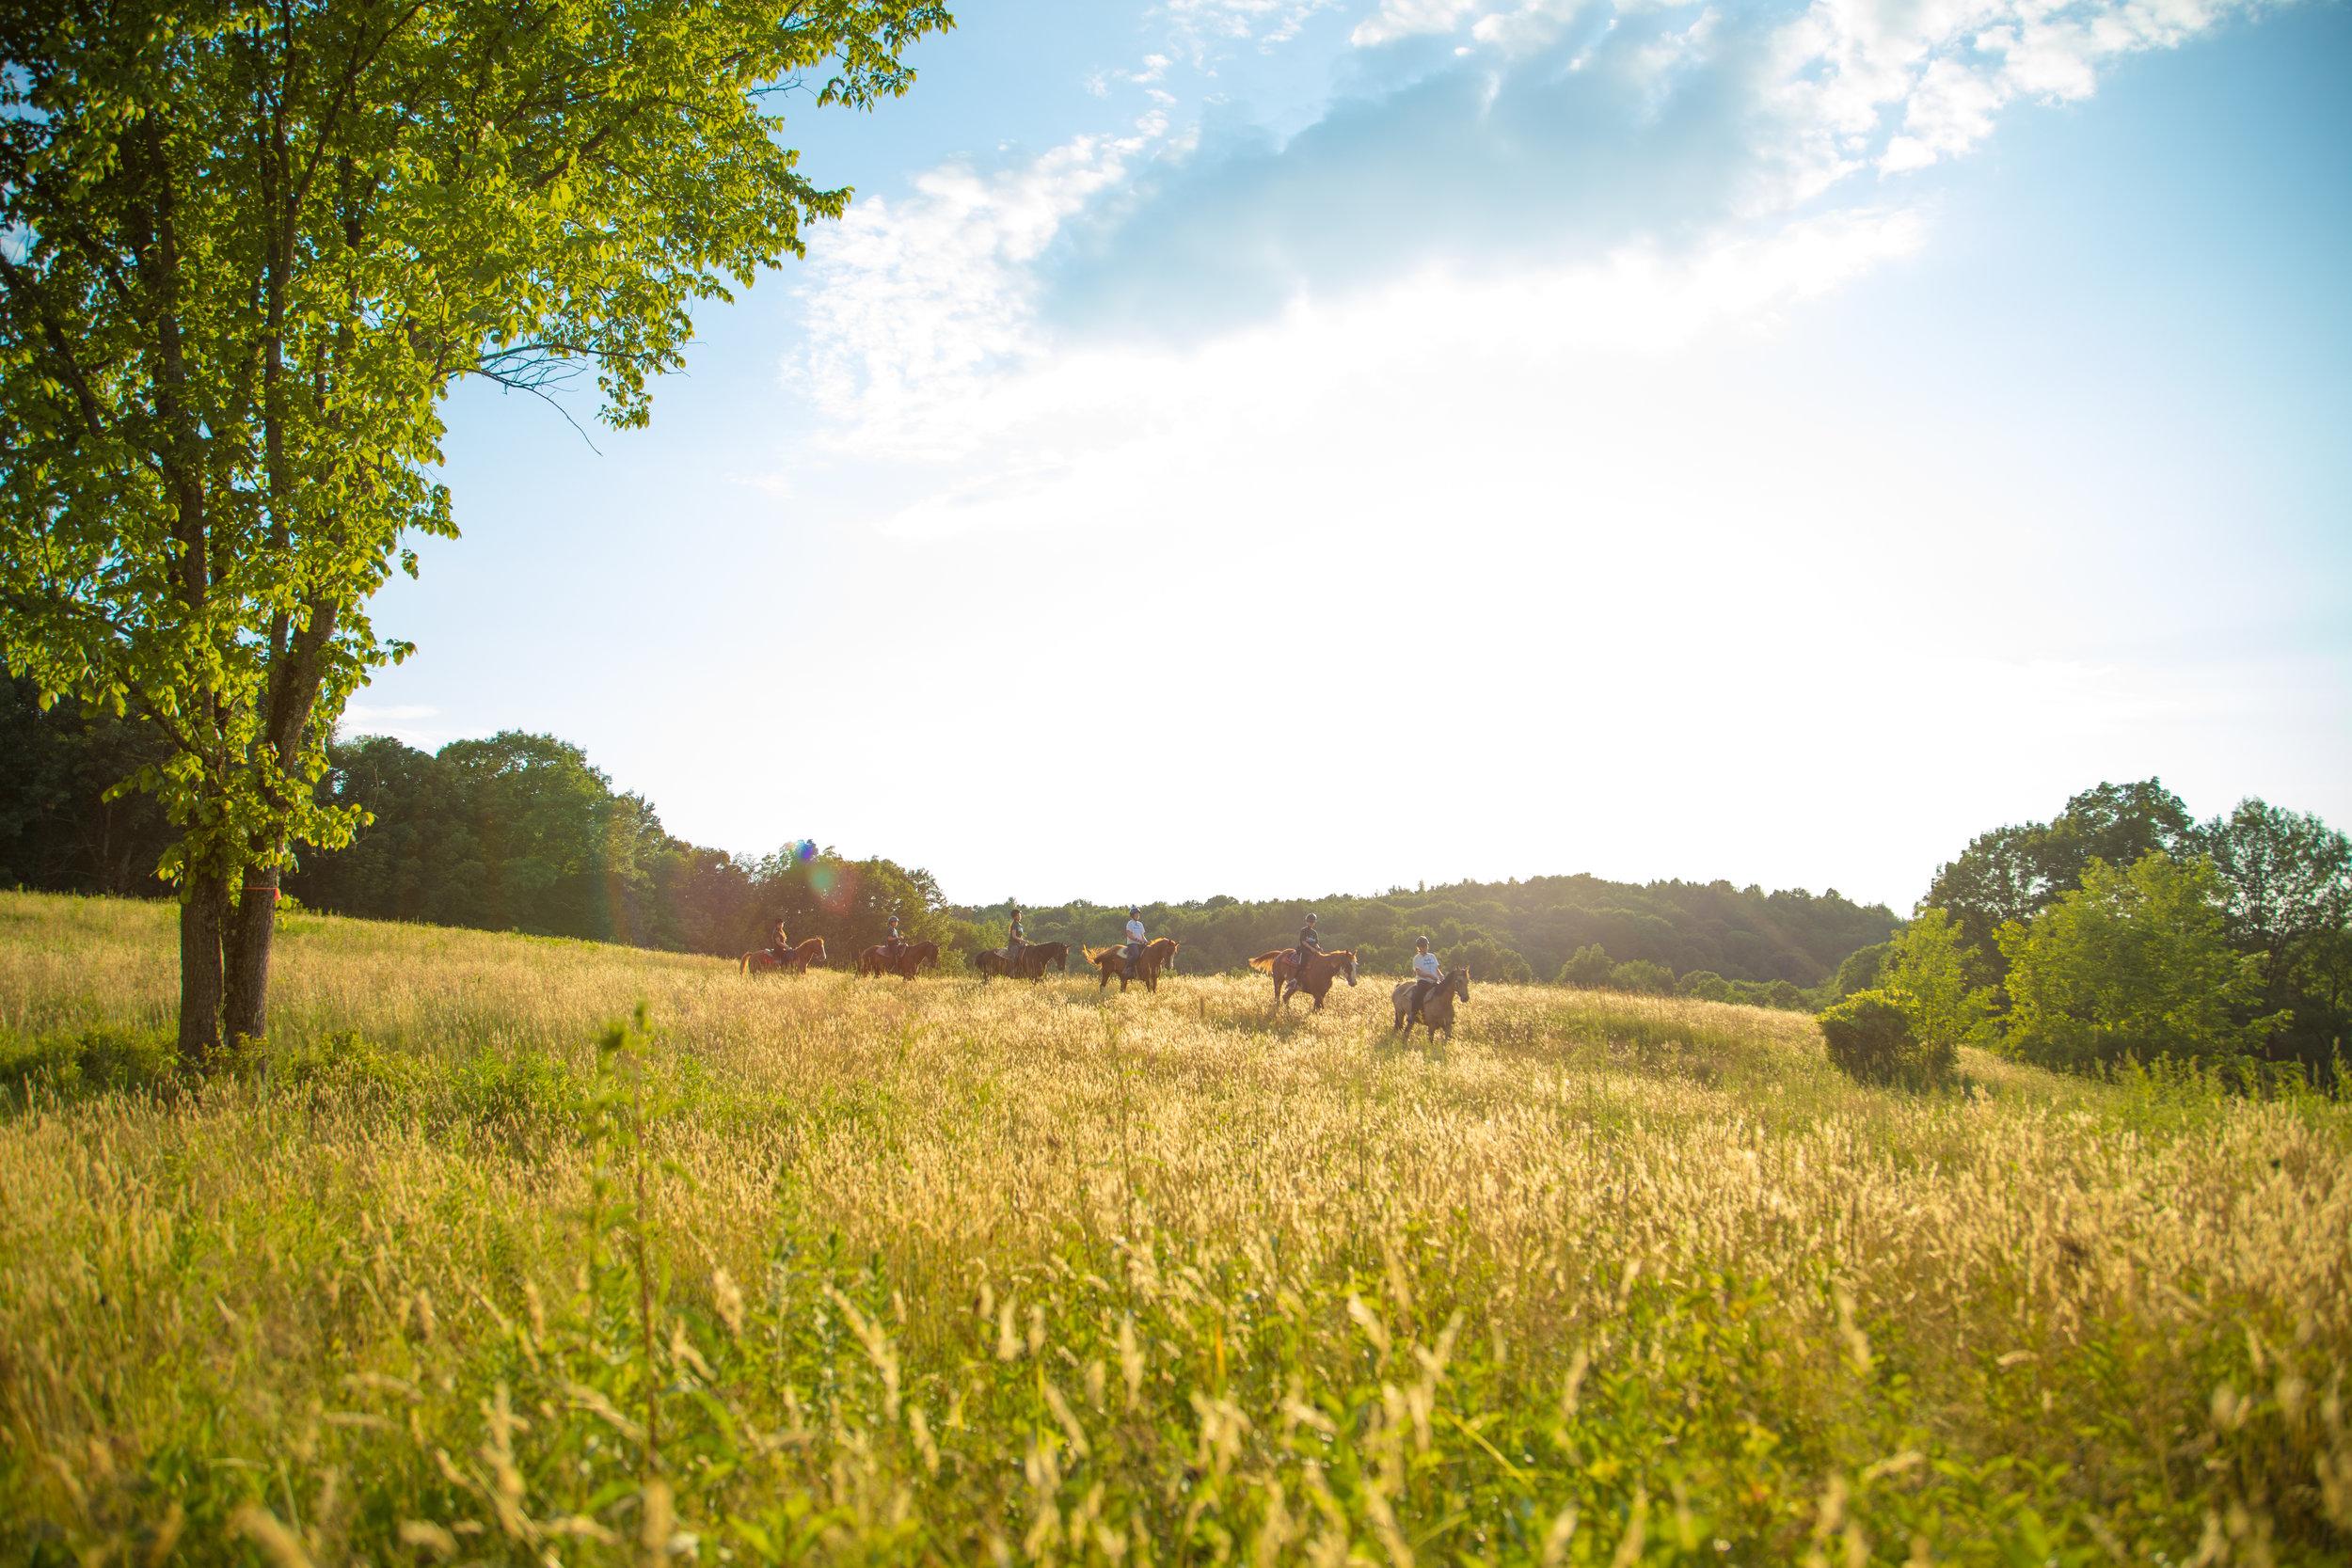 Horsesinfield.jpg